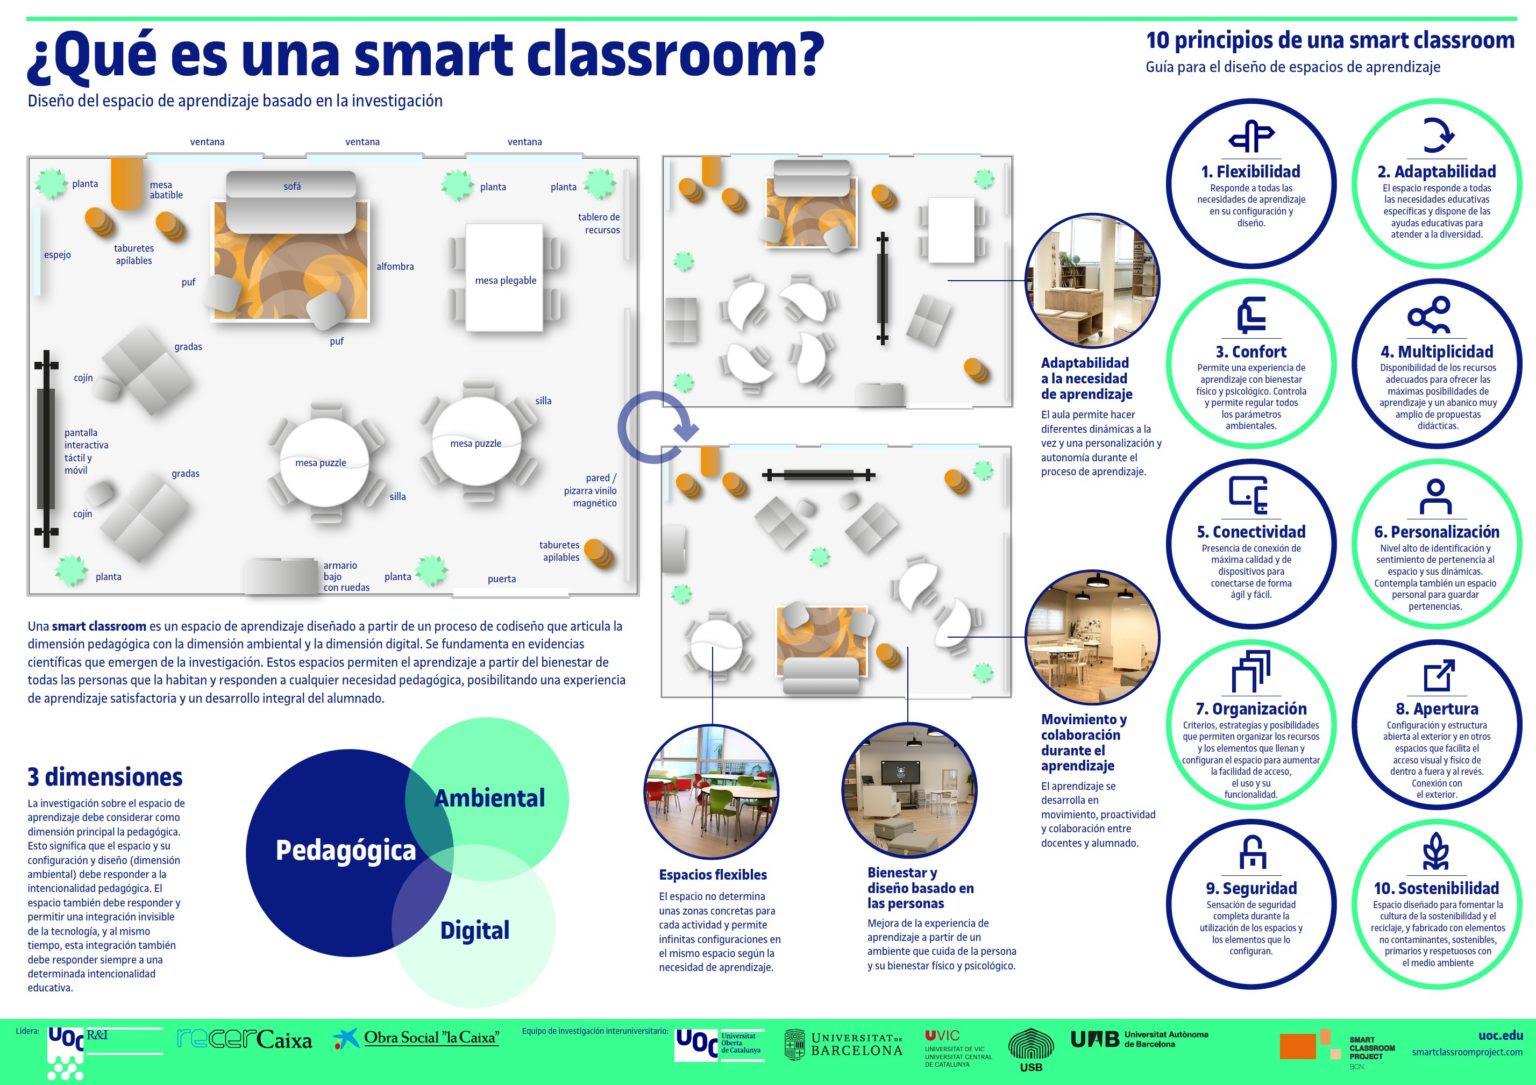 6 de cada 10 docentes creen que  cambiar el diseño del aula es clave para mejorar el aprendizaje